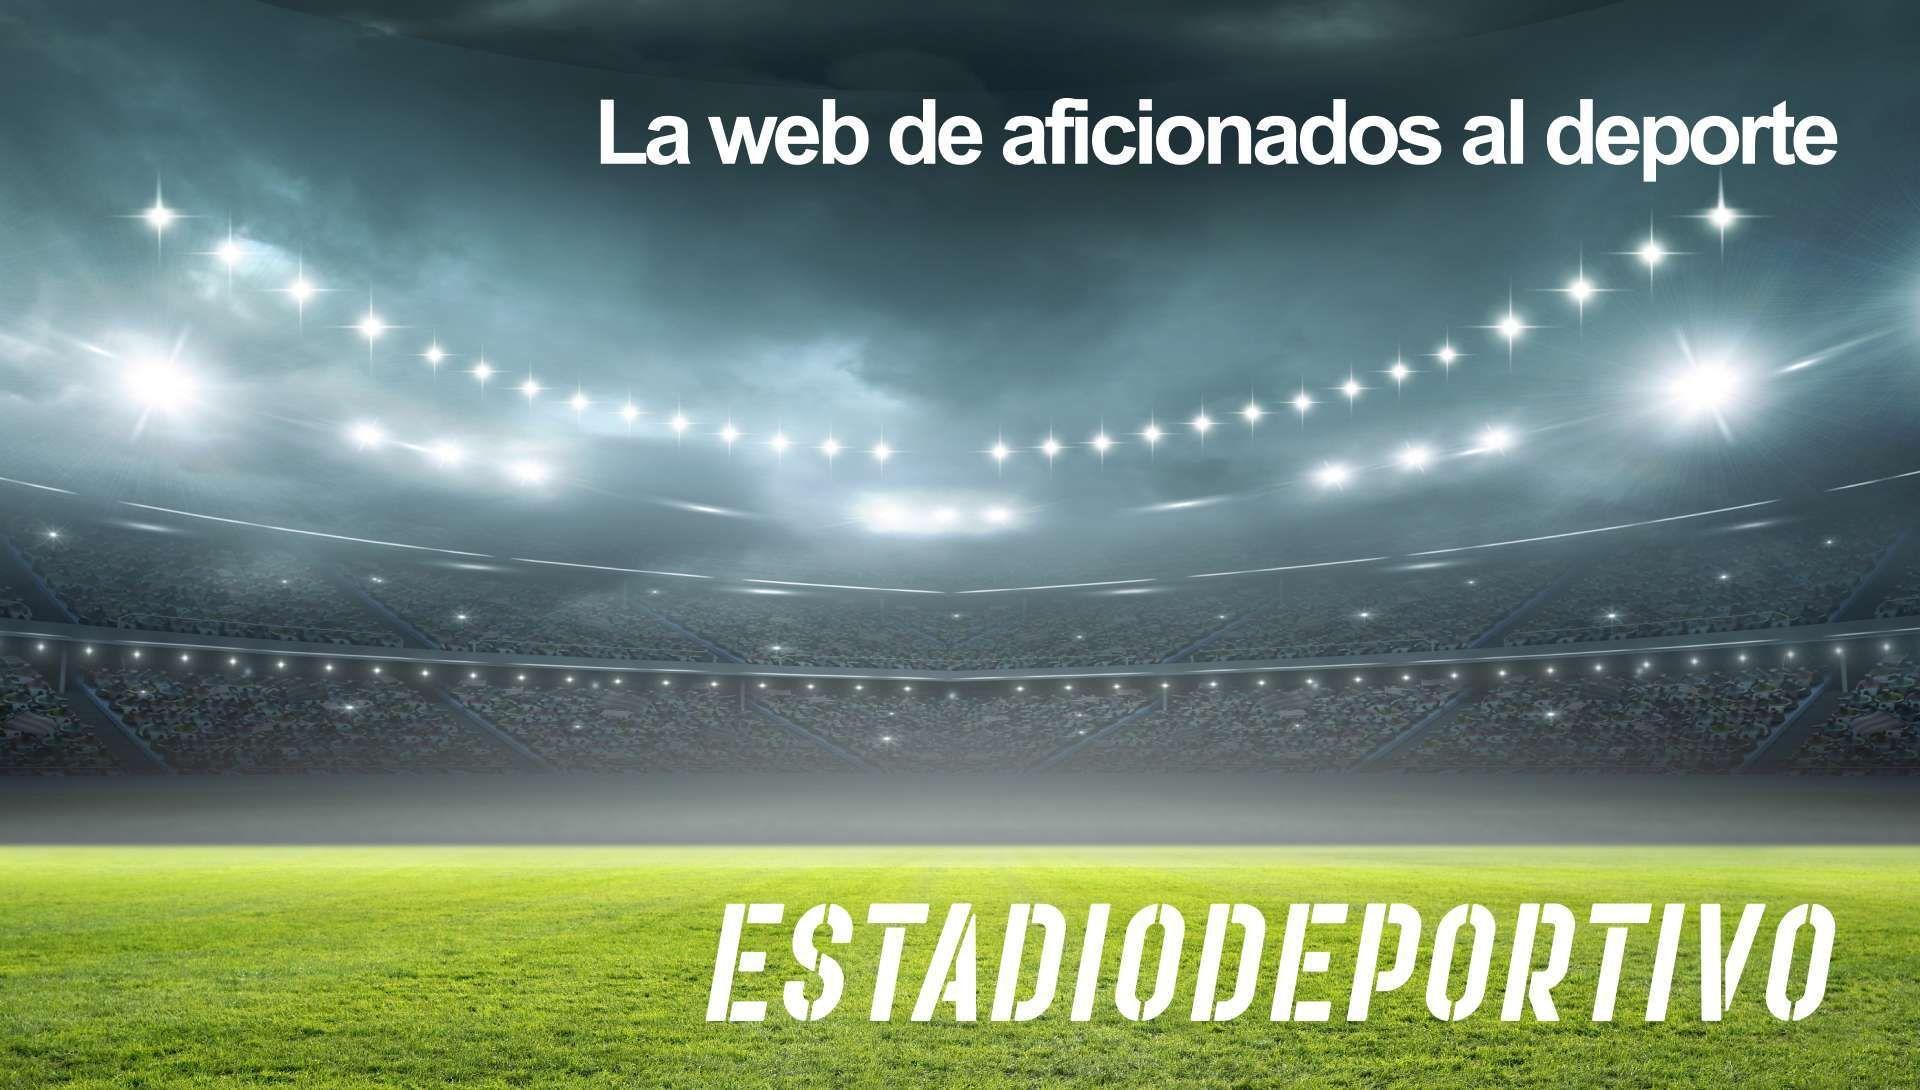 Jugadores versátiles del Sevilla FC que pueden actuar como extremos